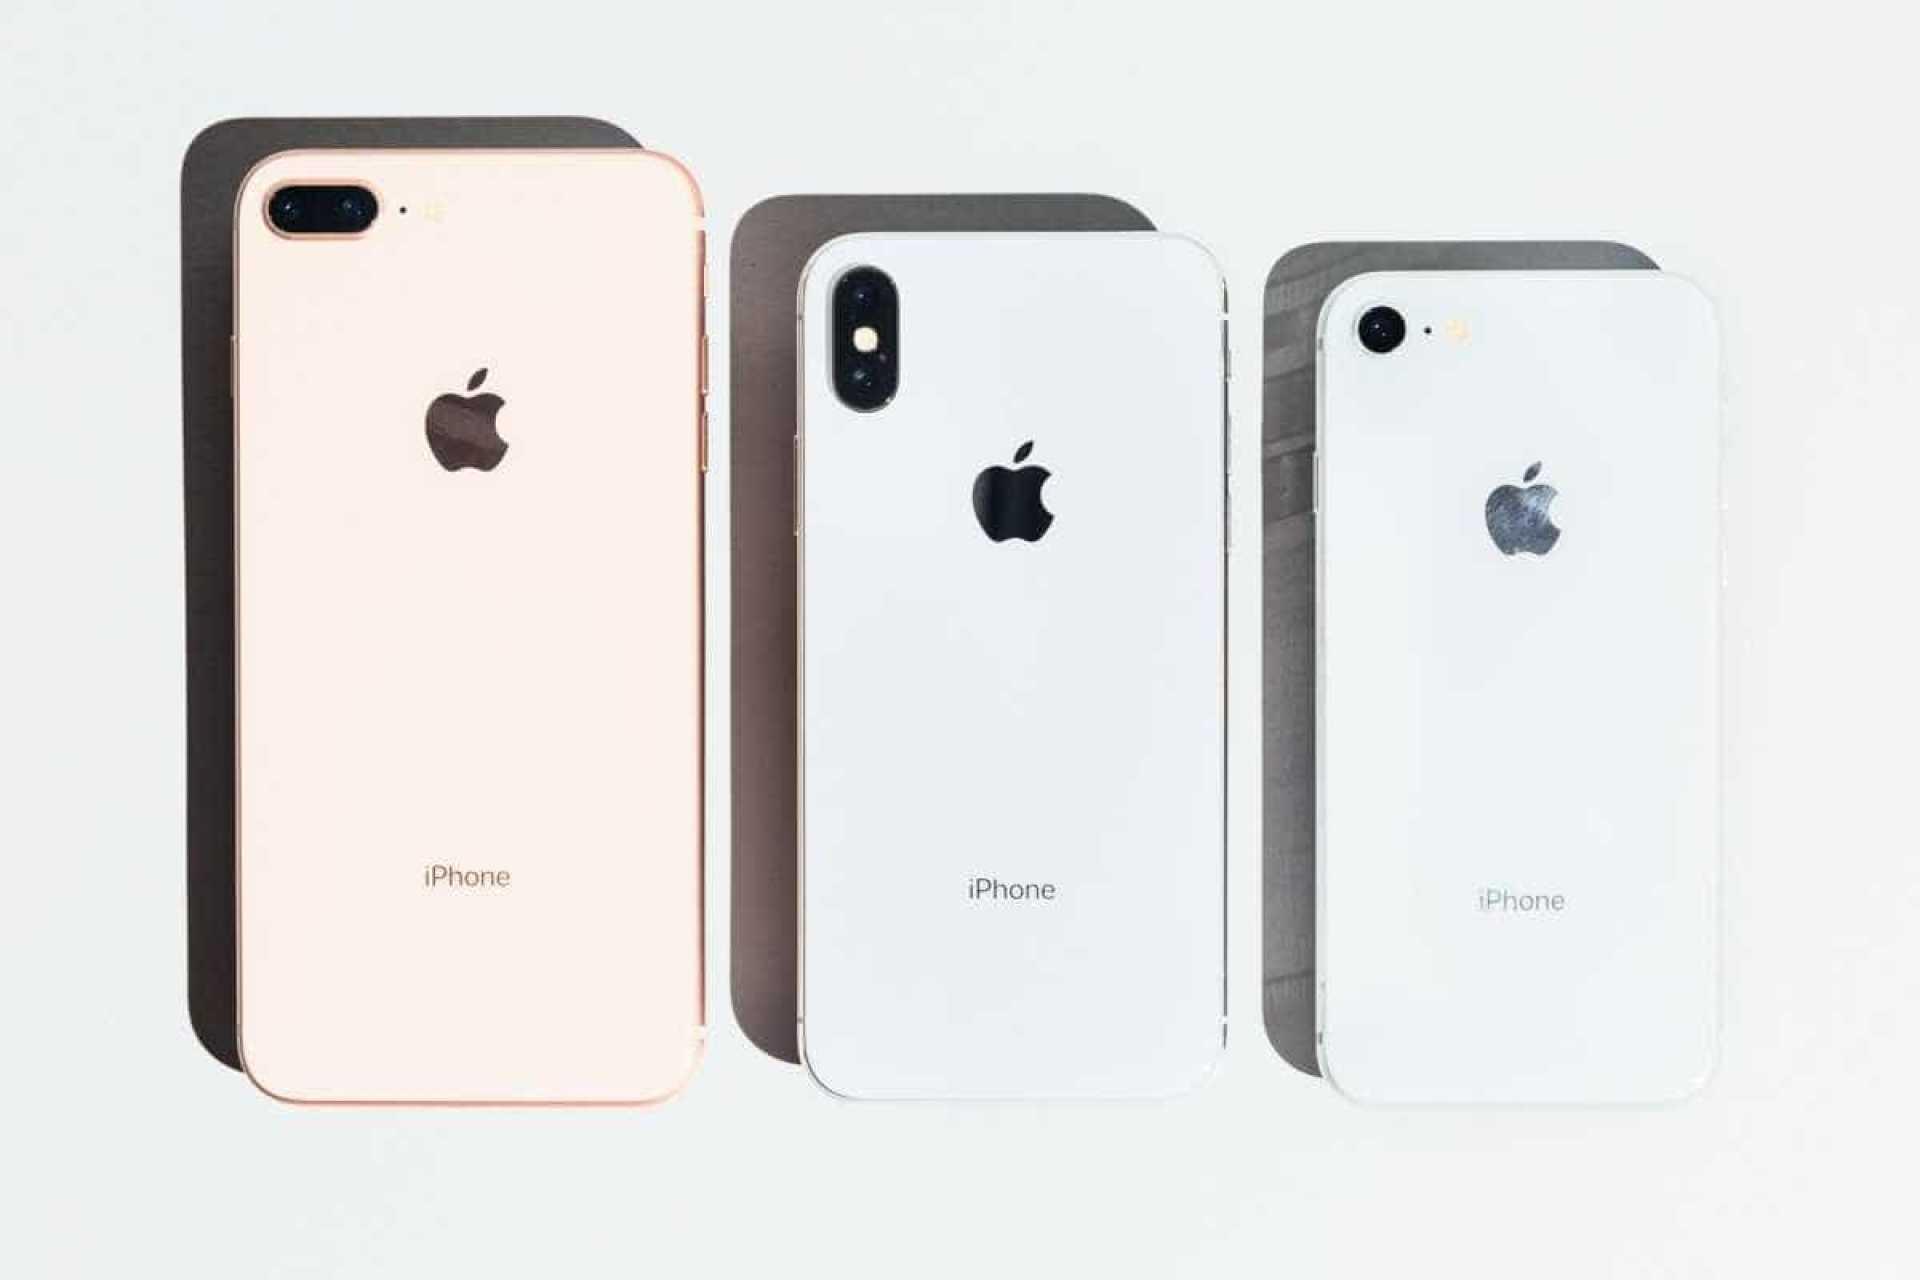 L' iPhone 9 (iPhone 2018 LCD) serait présenté le 12 septembre !